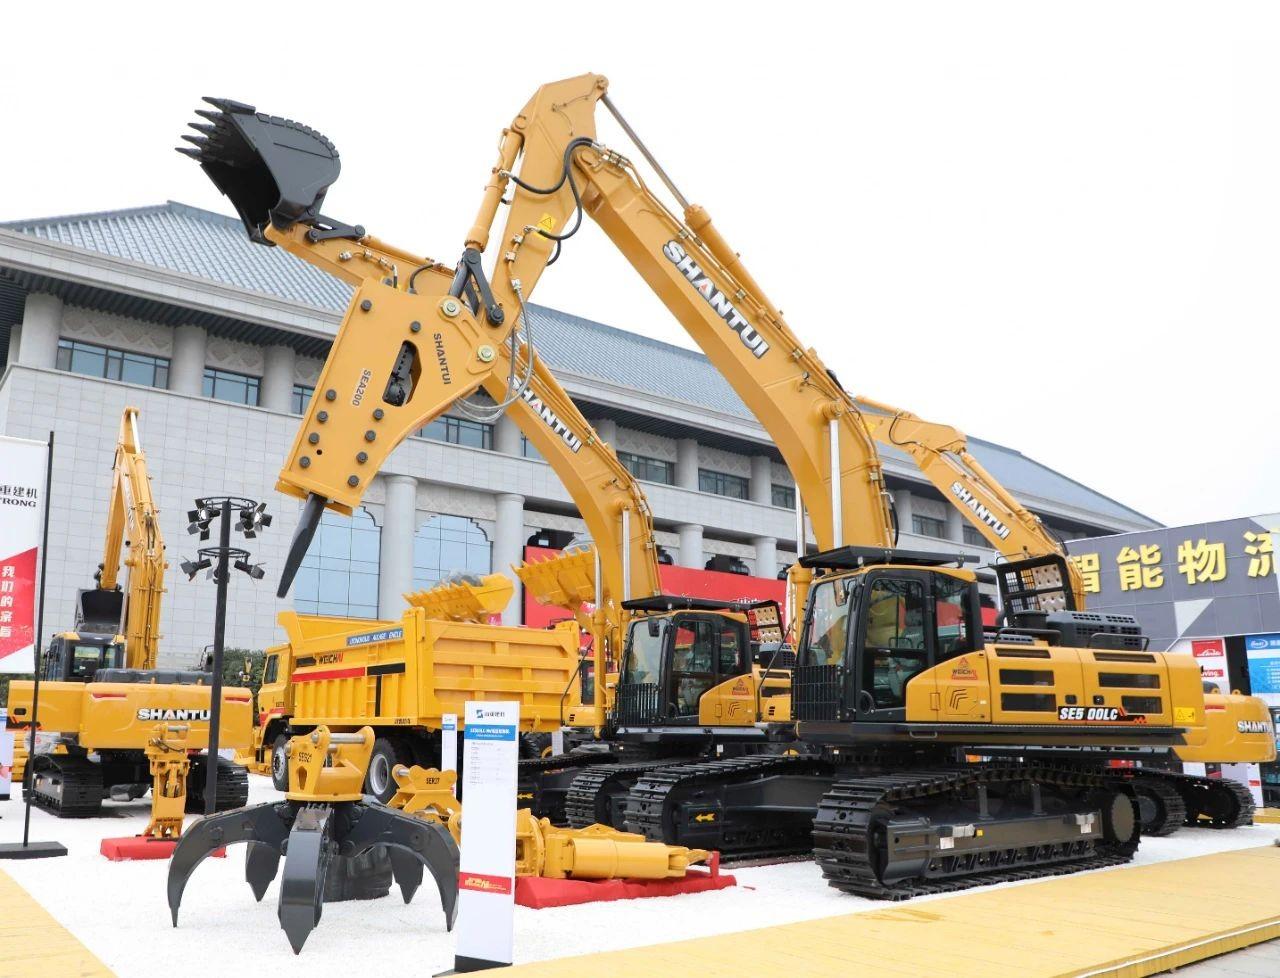 自主产品耀世而来 山重建机5款新品挖掘机发布的背后